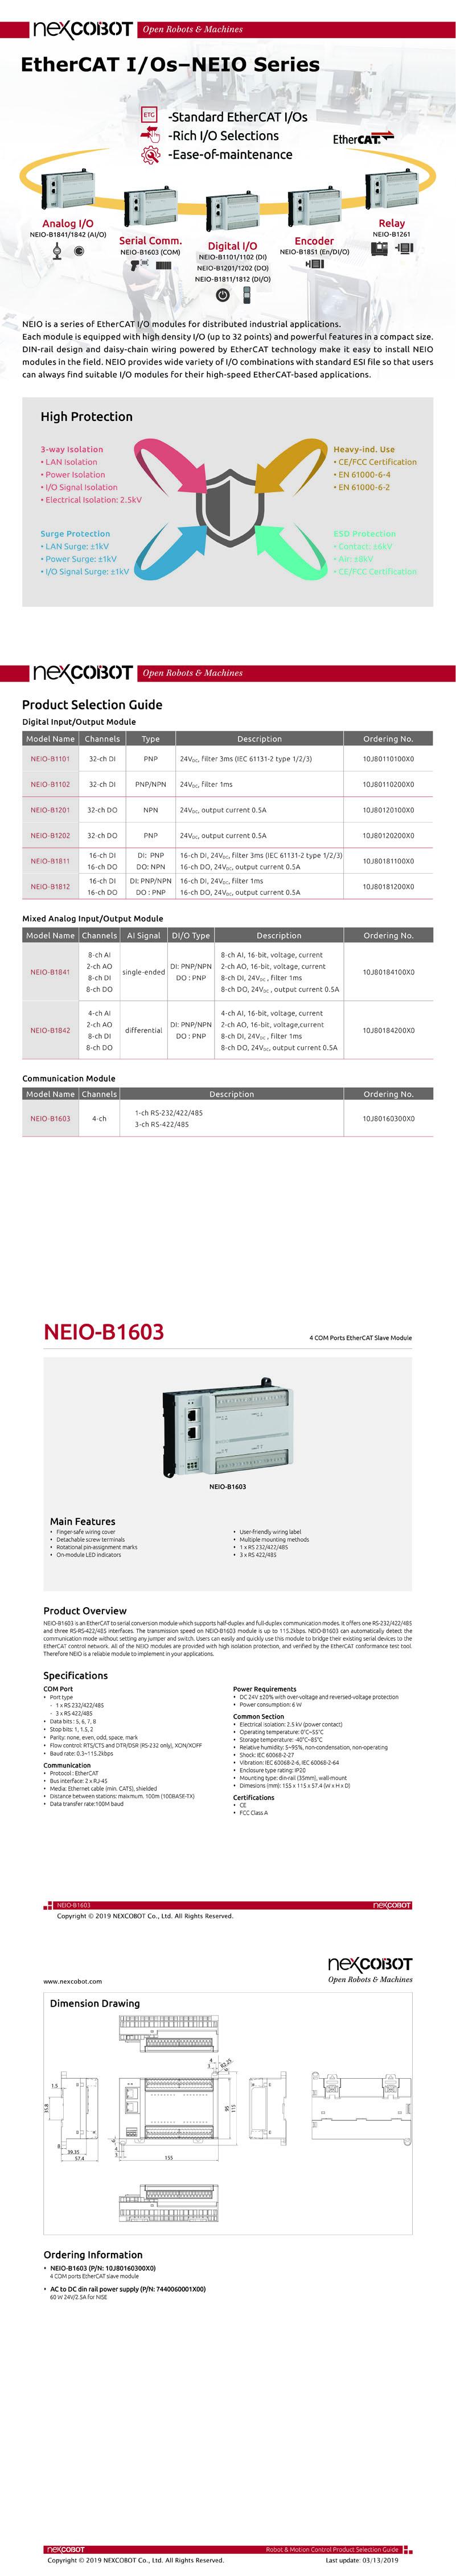 NEIO-B1603_L 2.jpg